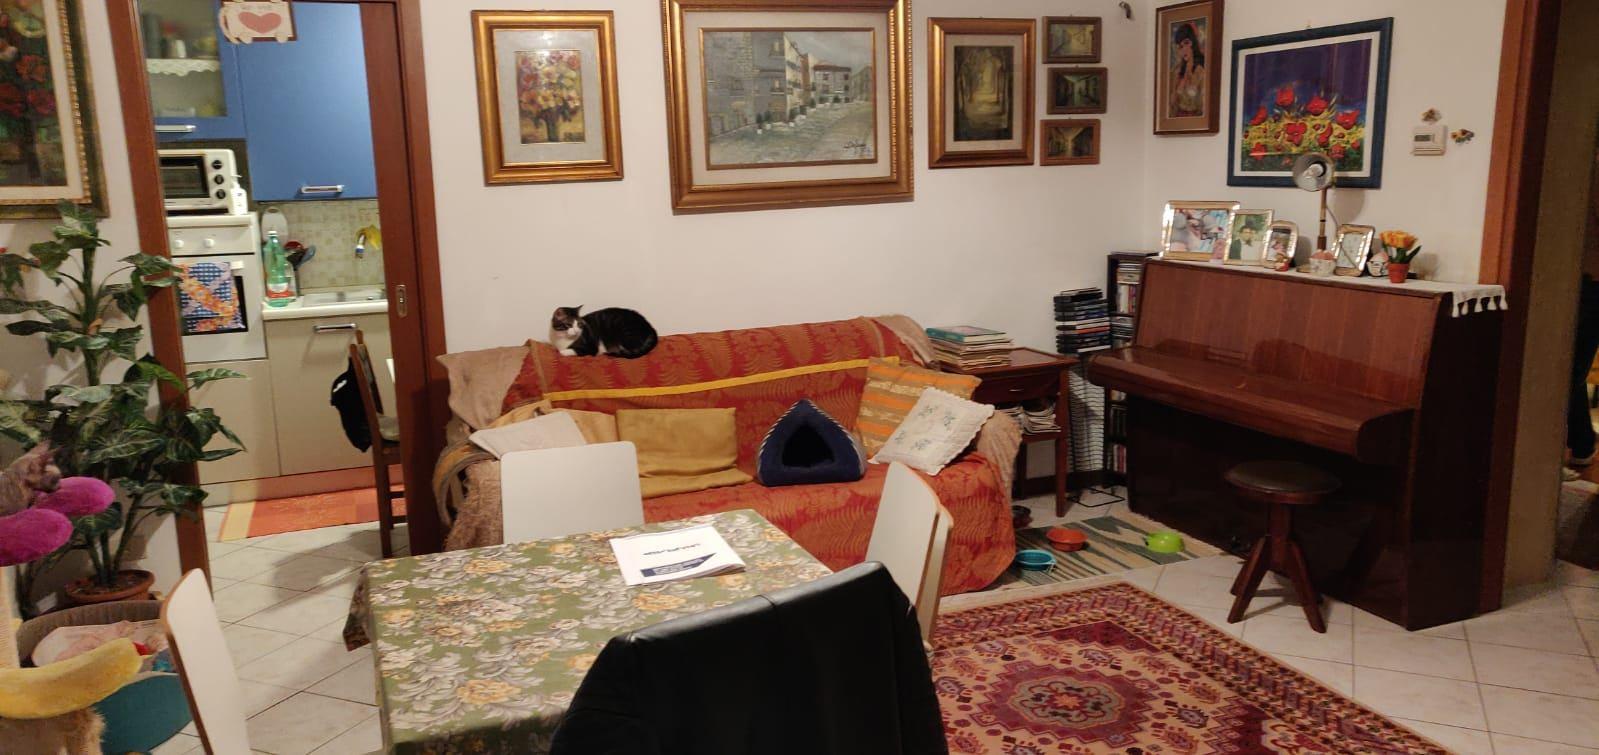 appartamento-in-vendita-a-milano-baggio-3-locali-trilocale-spaziourbano-immobiliare-vende-16